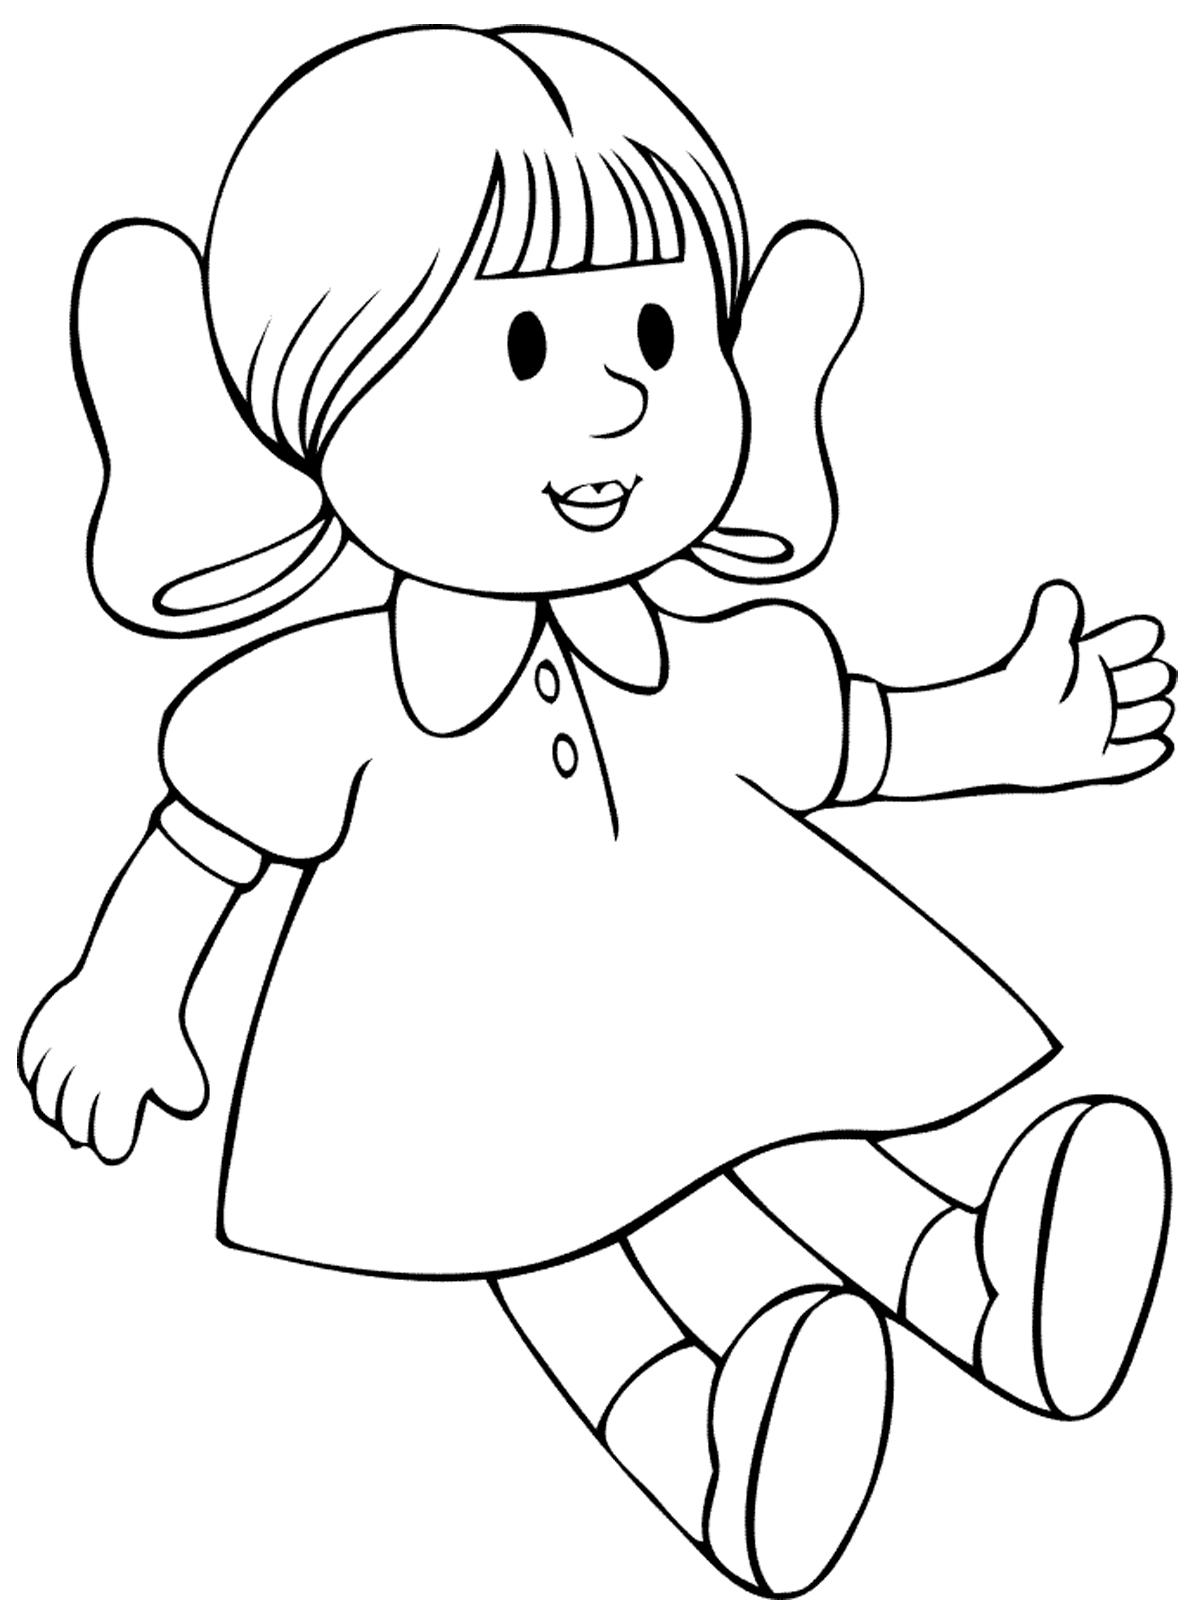 кукла раскраска картинка